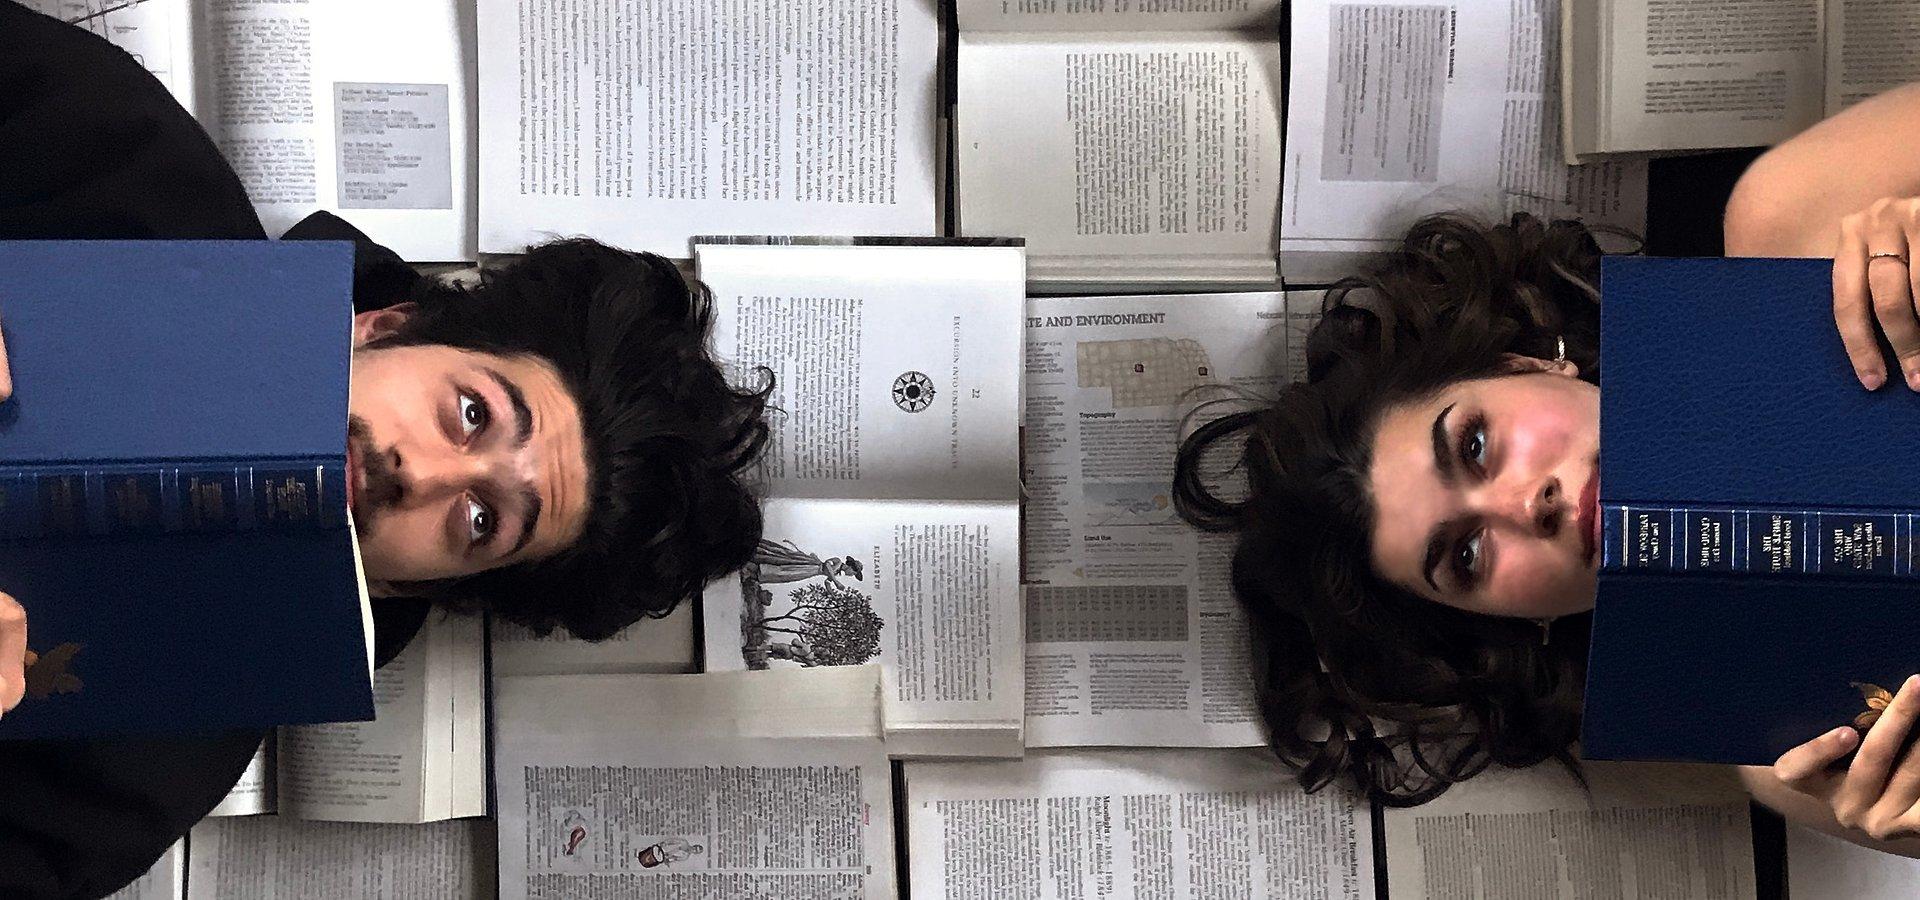 Fotógrafos internacionales revelan cómo se vive el confinamiento del COVID-19 en un concurso global de fotografía